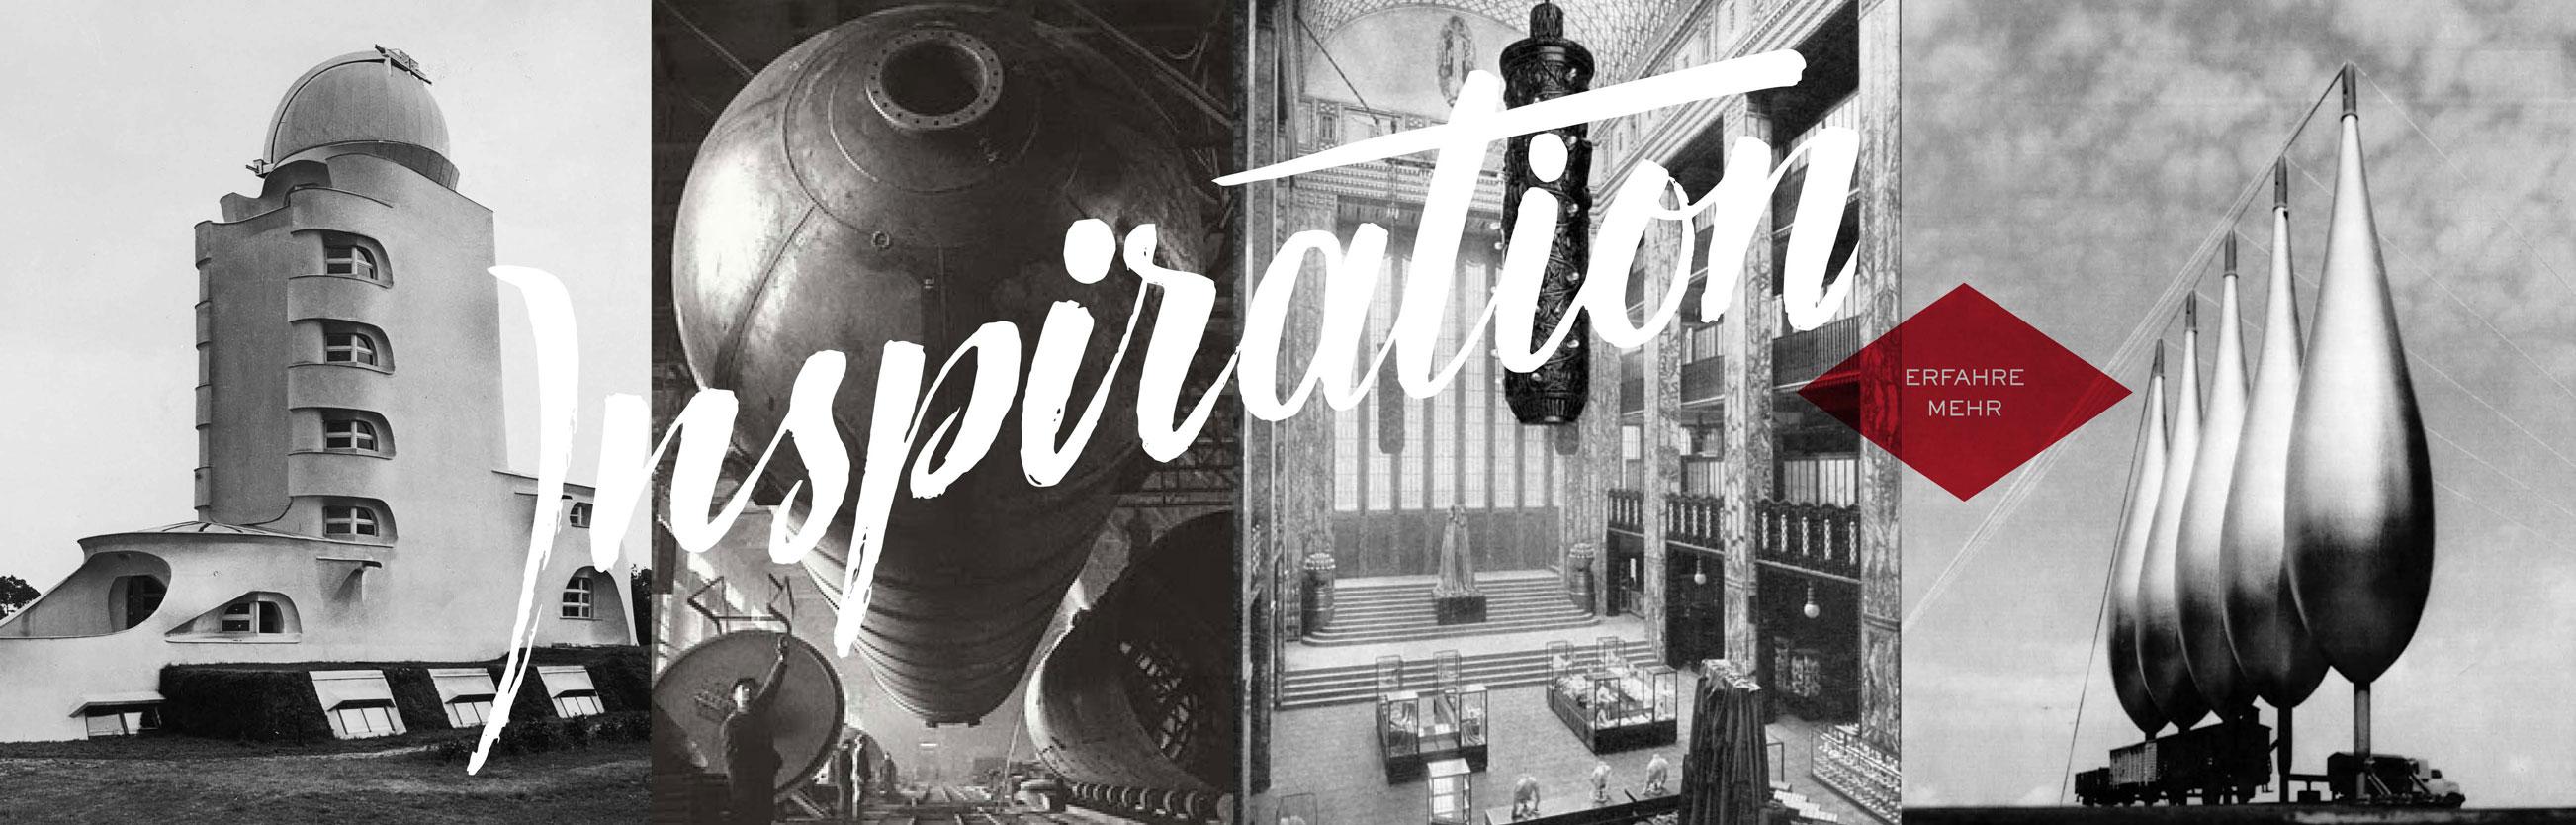 Fabrikat: Inspiration